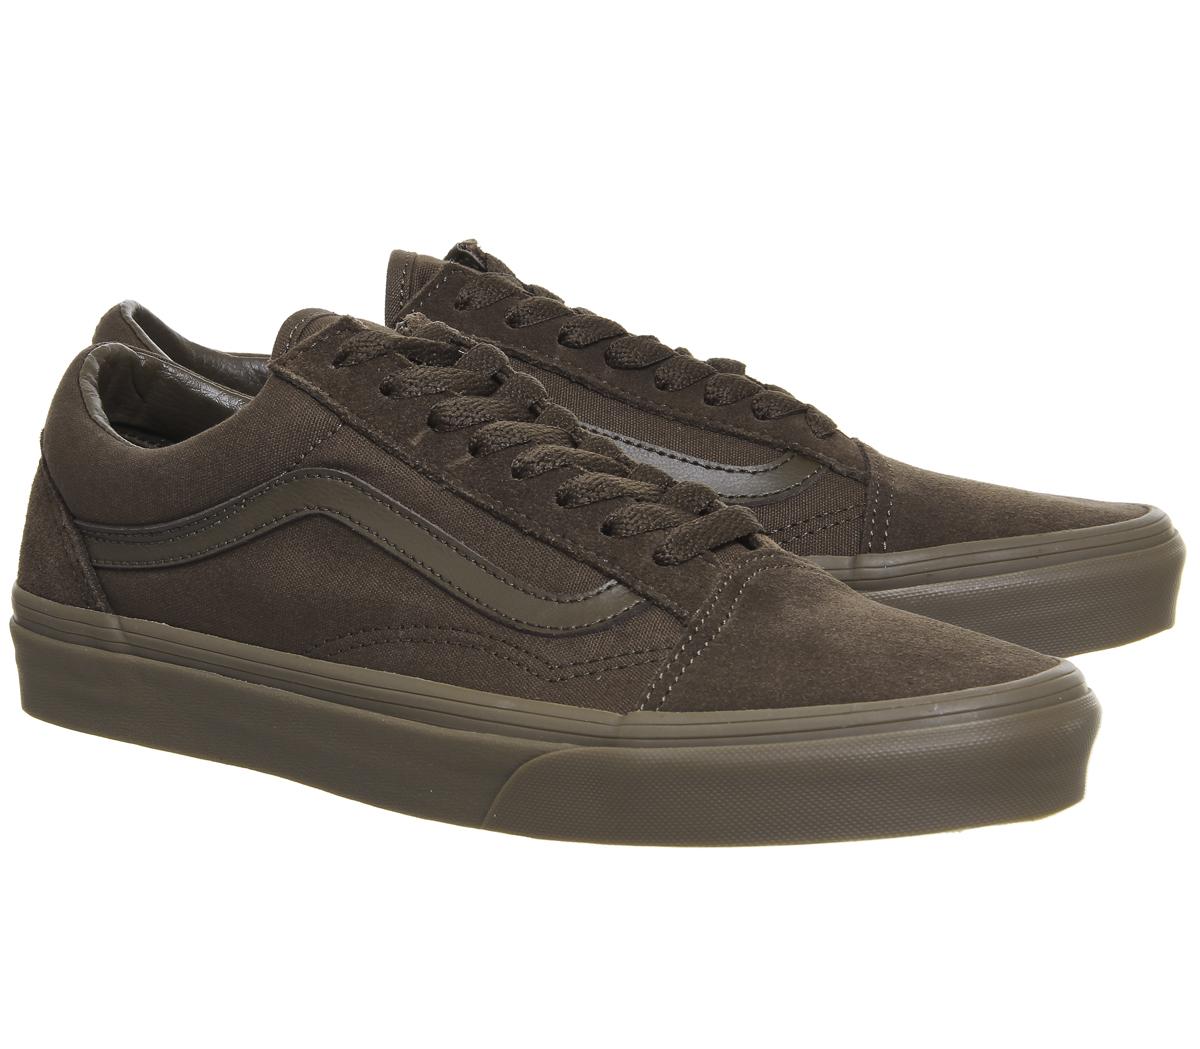 985f7068e07 Zapatillas para hombre Vans Old Skool Dark Earth Gum Zapatillas ...